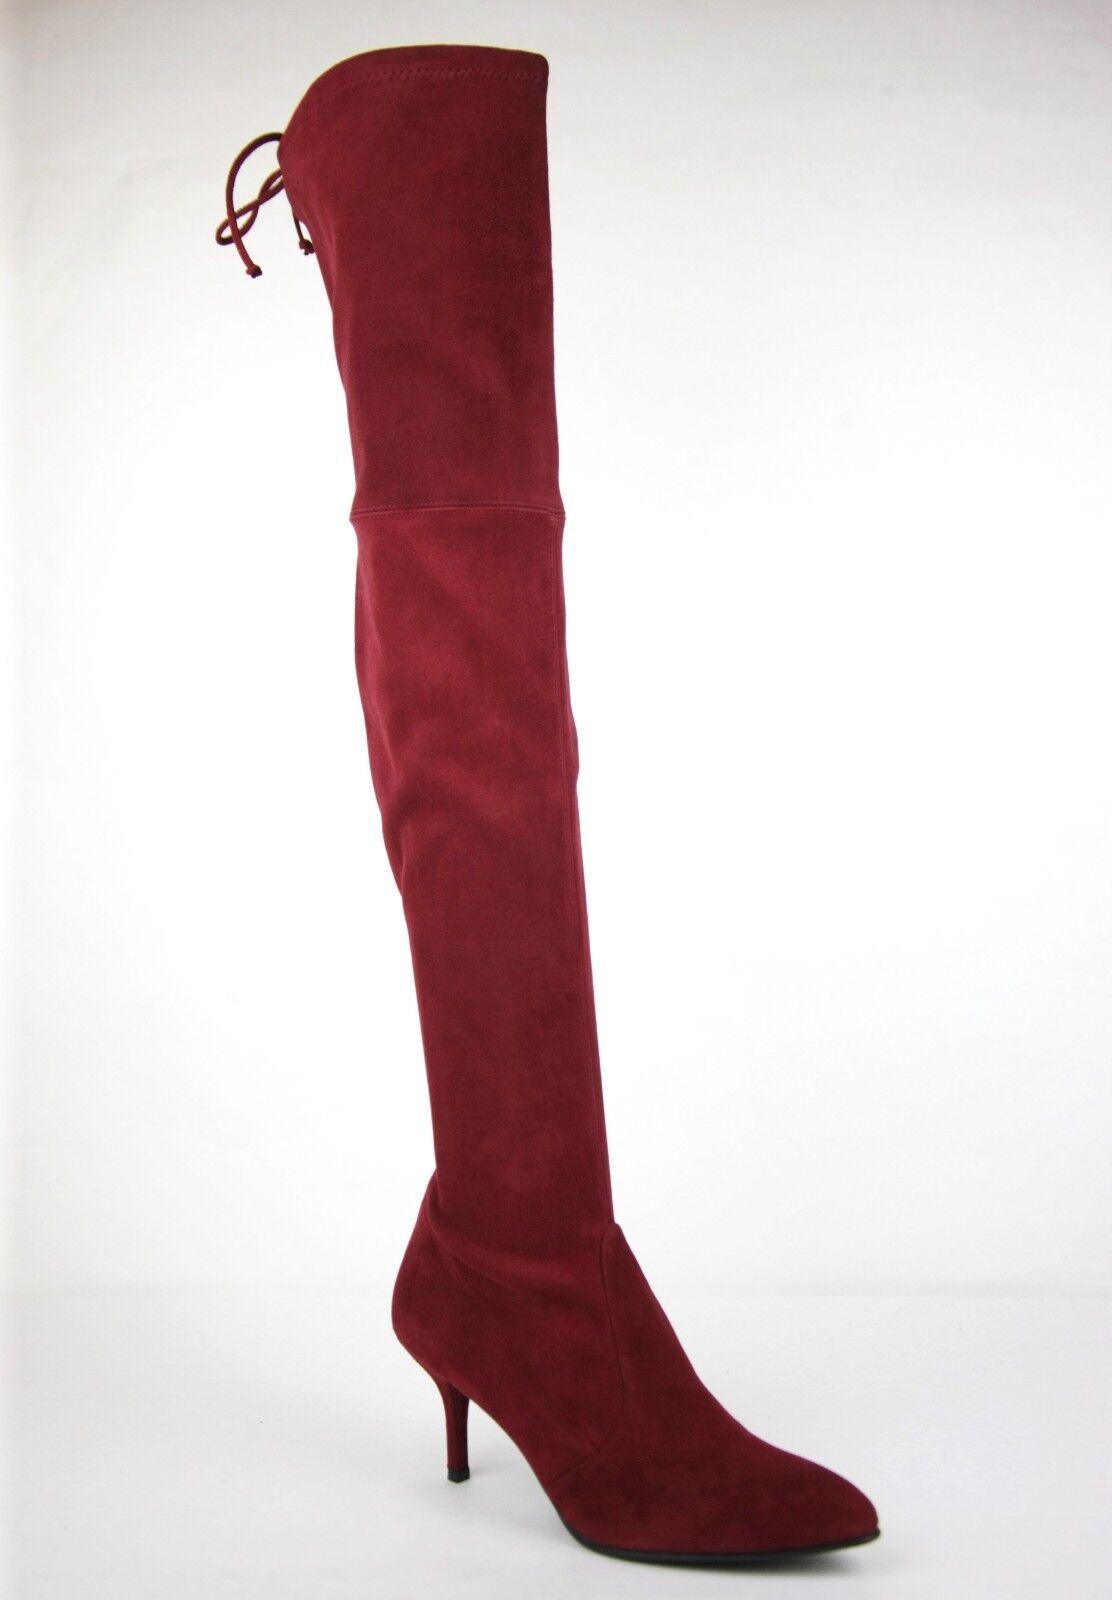 798 Nueva Stuart Weitzman Scarlet Gamuza tiemodel over-the-Rodilla Bota Bota Bota  connotación de lujo discreta